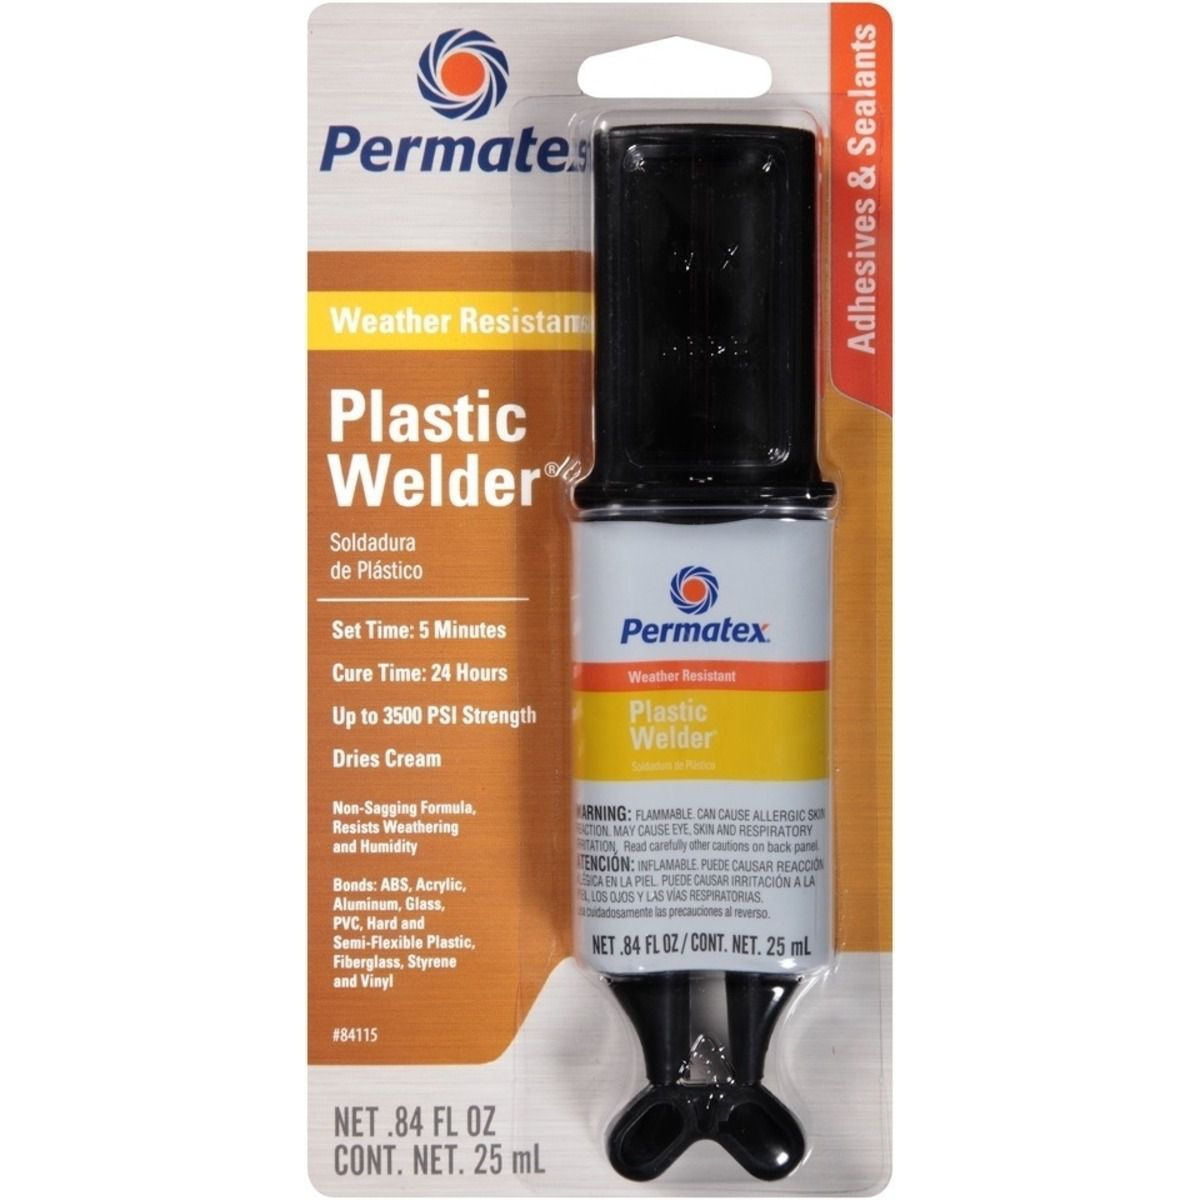 Cola Solda Plástico Vidro Vinil Aço Abs PVC Fibra de Vidro Acrílico Madeira Permatex Transparente 25ML  - Rea Comércio - Sua Loja Completa!